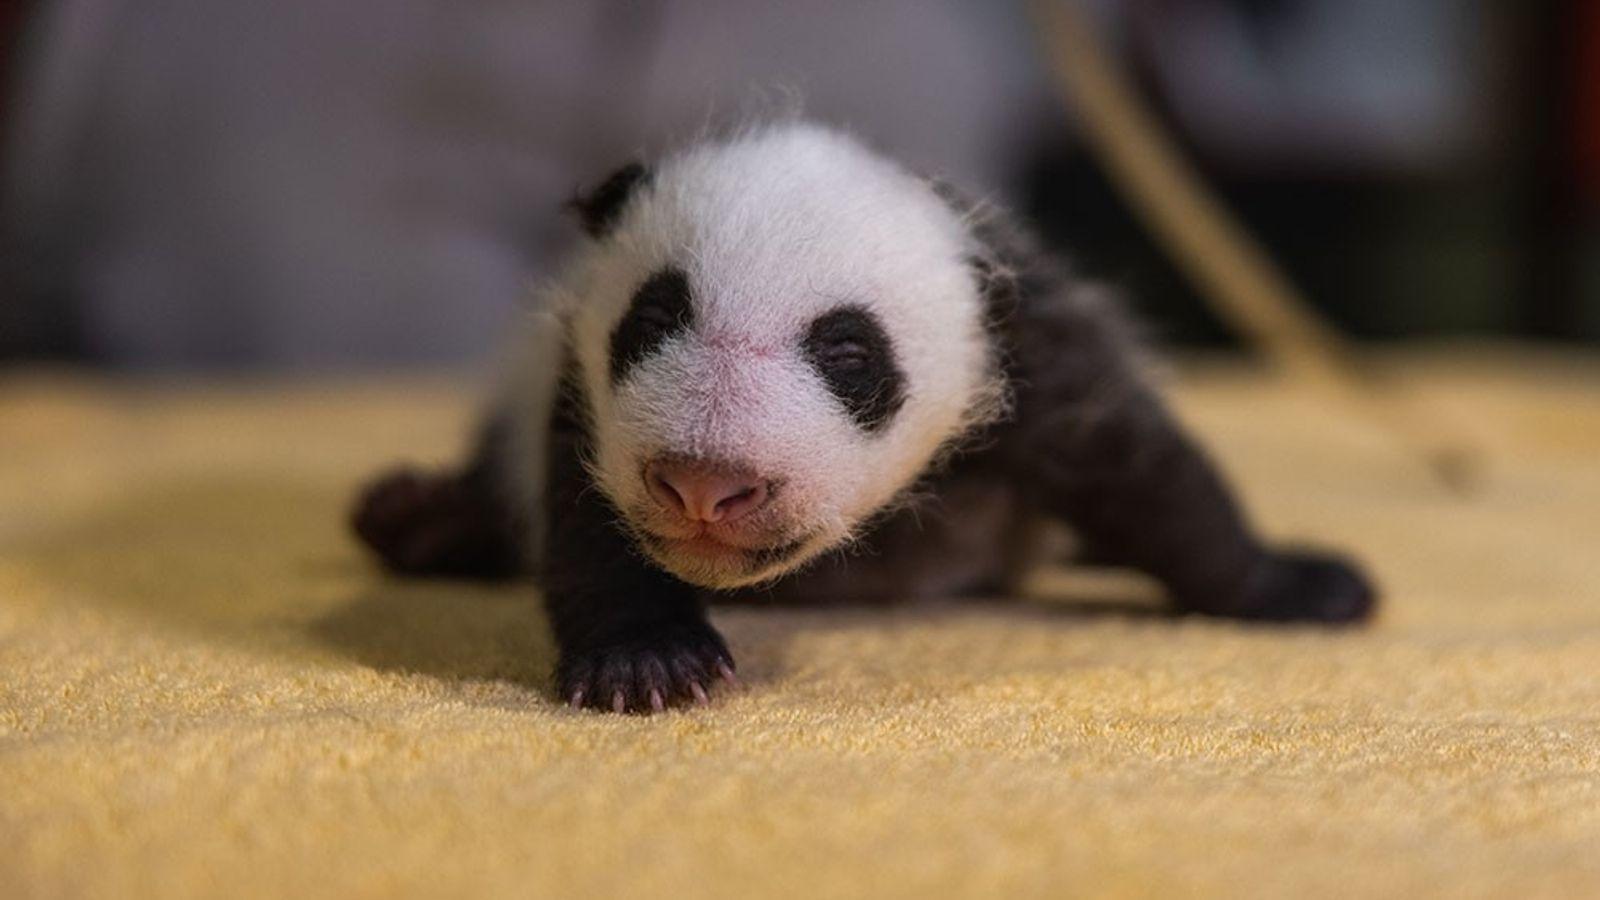 Os pandas nascem sem suas marcas características em preto e branco, que logo aparecem, como observado ...